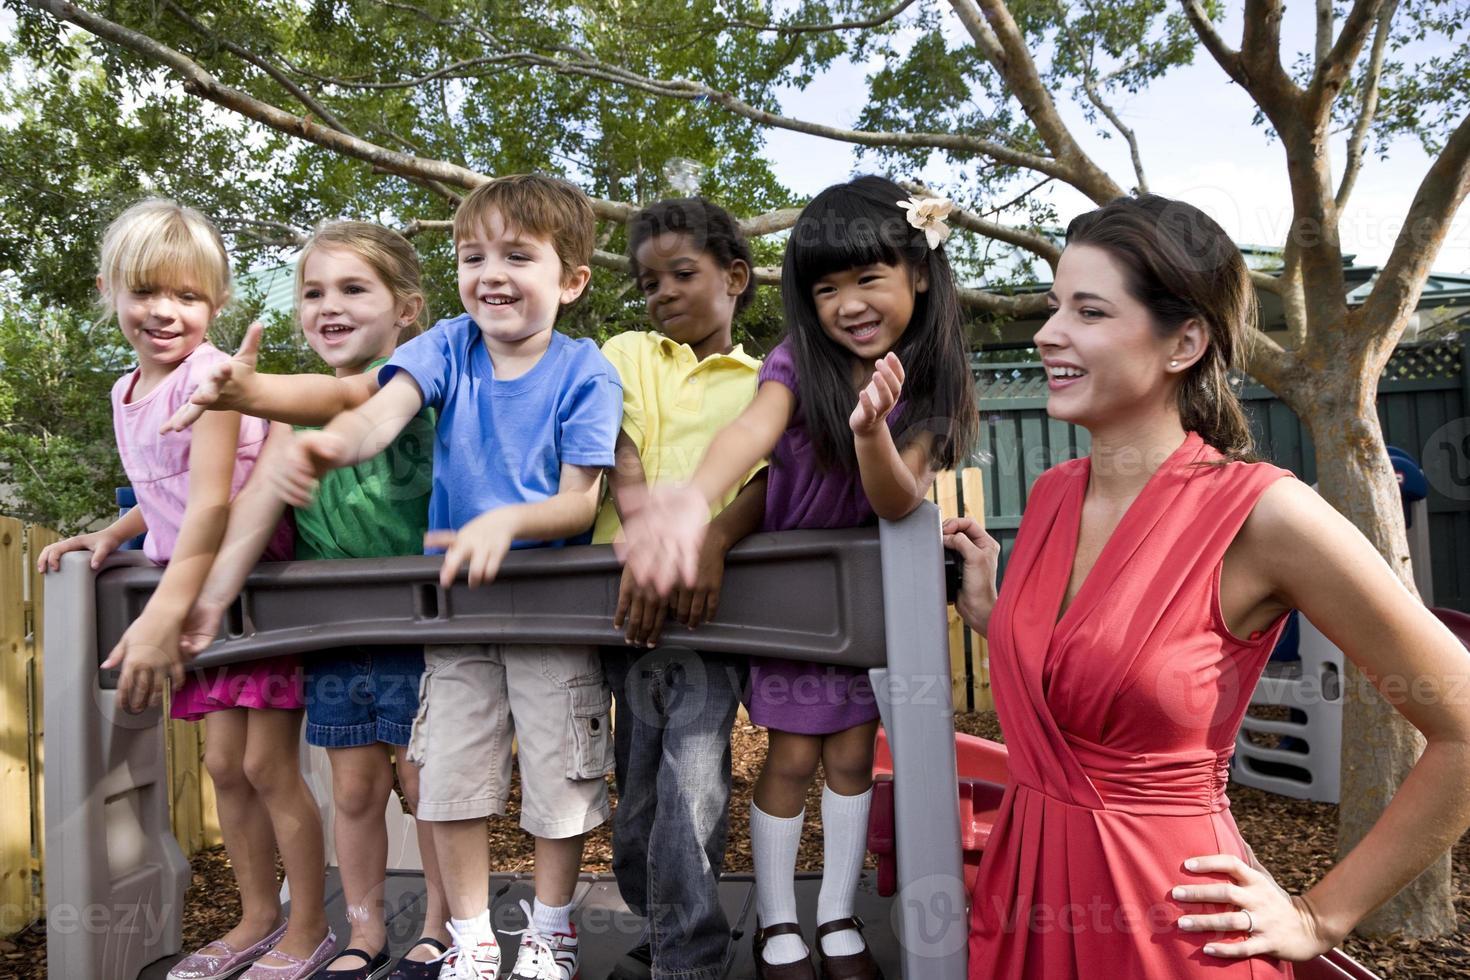 bambini in età prescolare che giocano nel parco giochi con l'insegnante foto